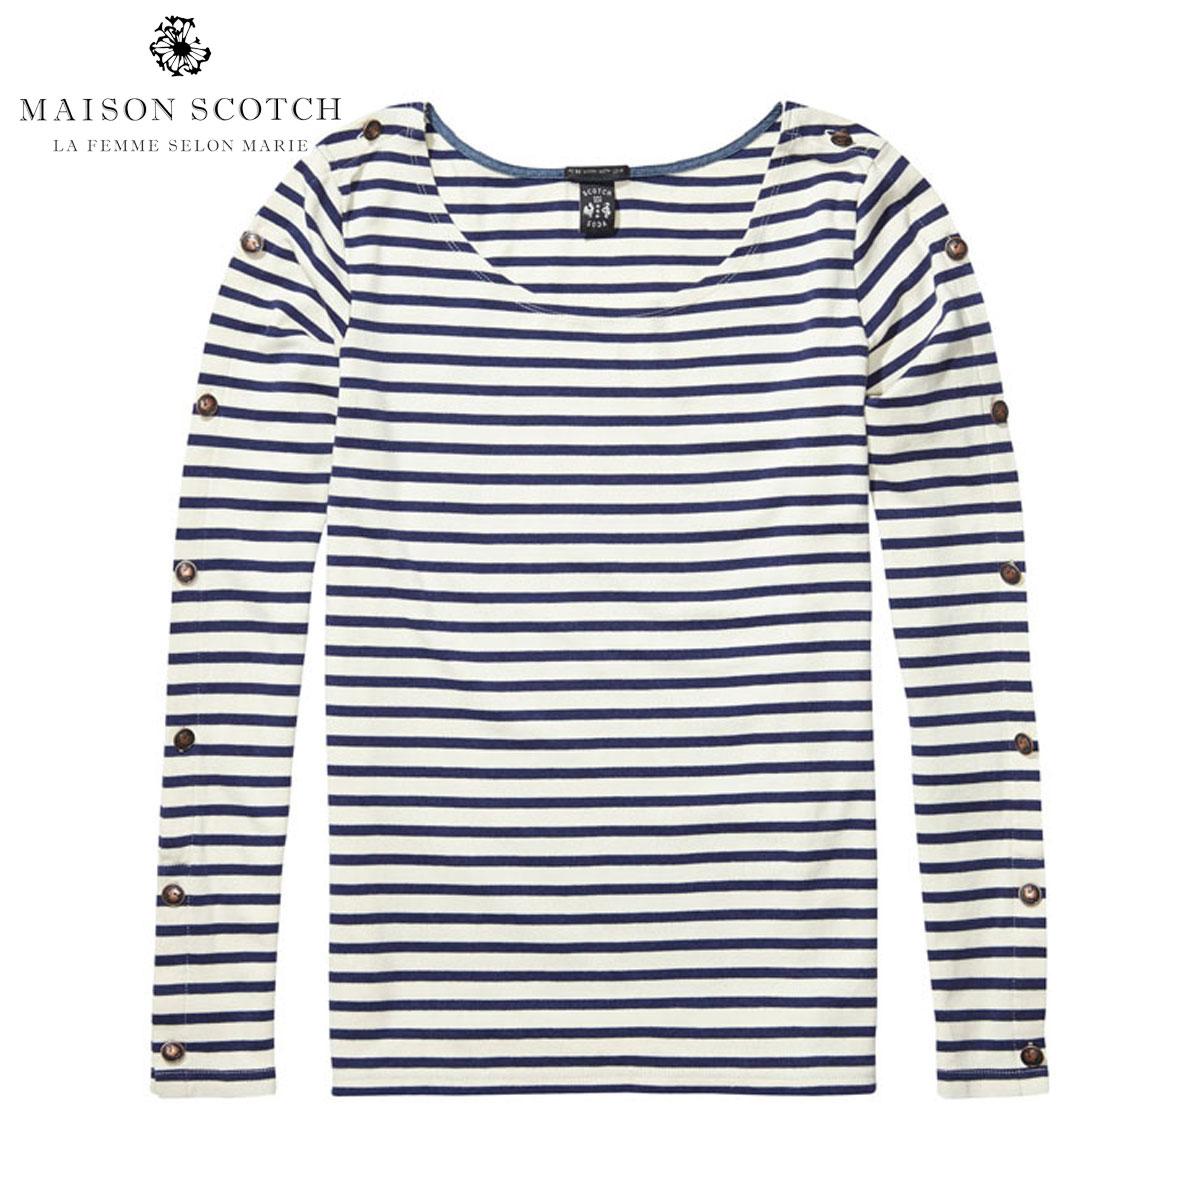 メゾンスコッチ MAISON SCOTCH 正規販売店 レディース 長袖Tシャツ L/S breton Tee 100218 B D00S20